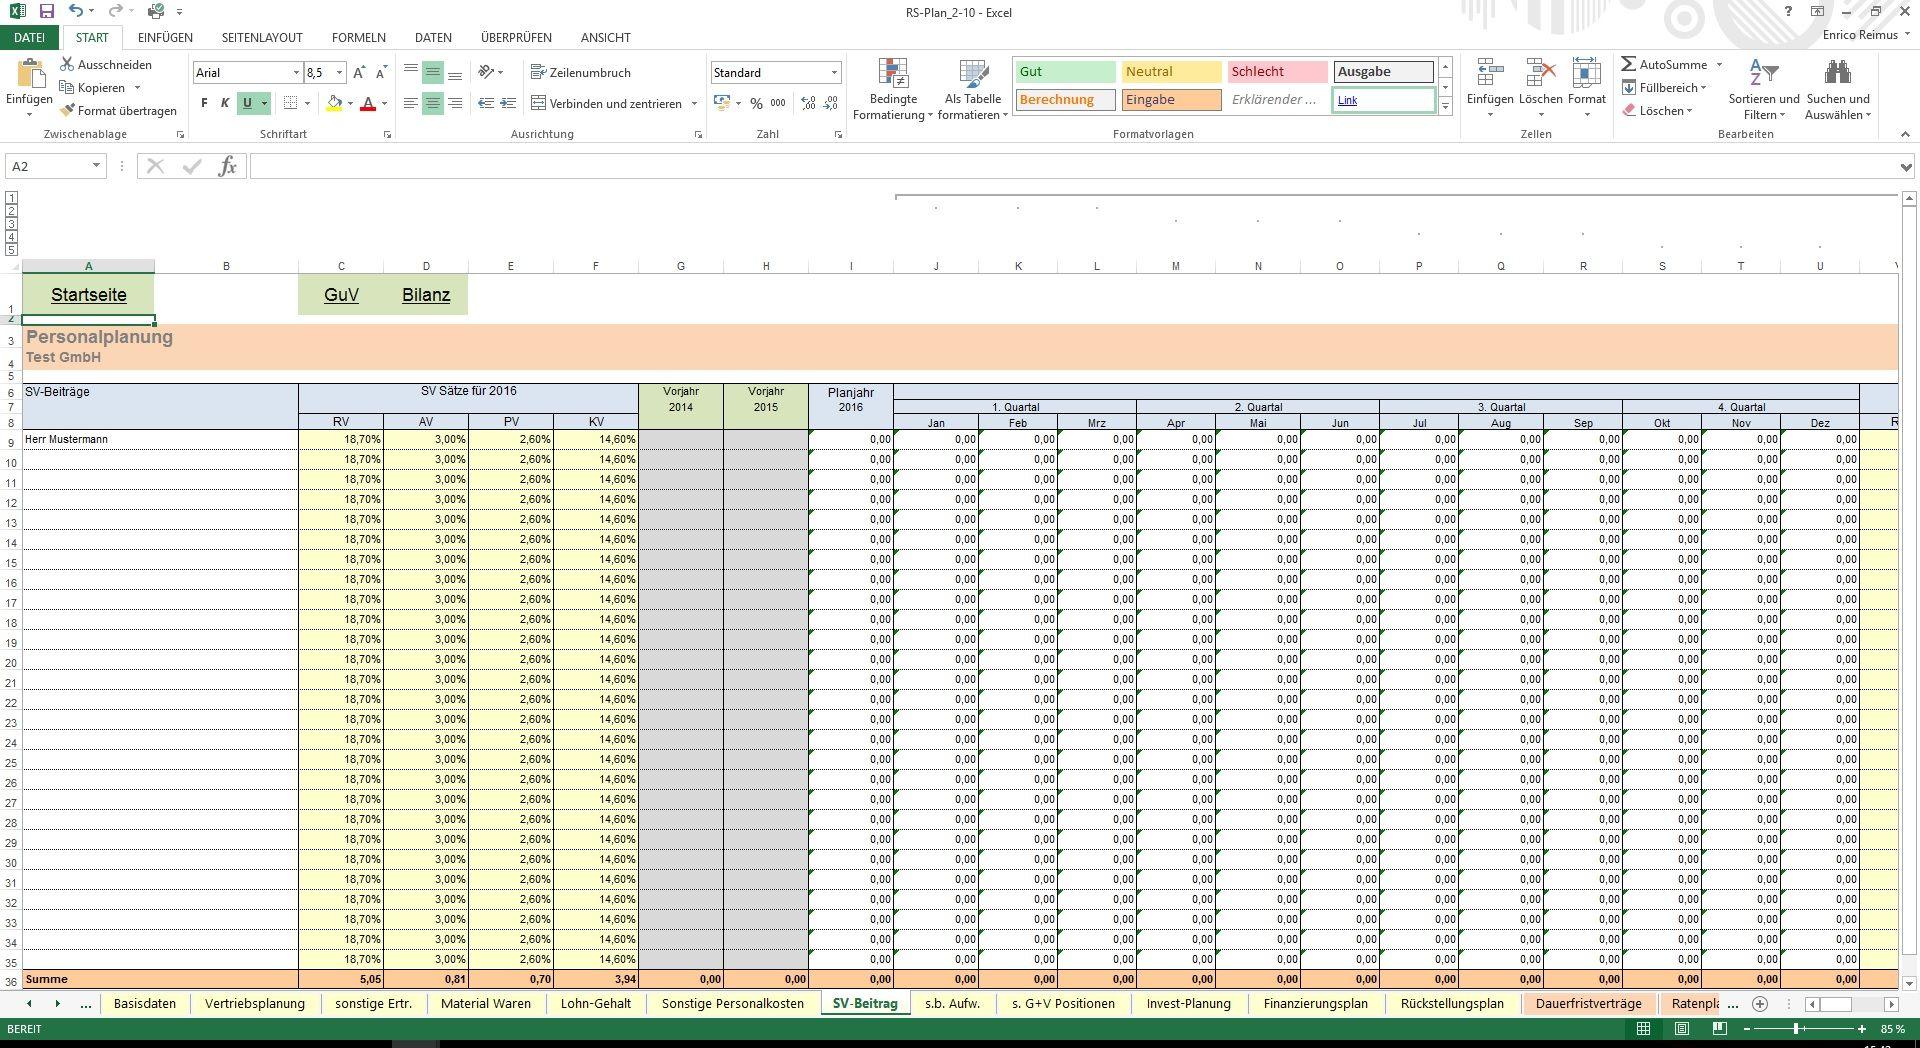 Fantastisch Basic Lohnzettel Vorlage Excel Zeitgenössisch - Entry ...